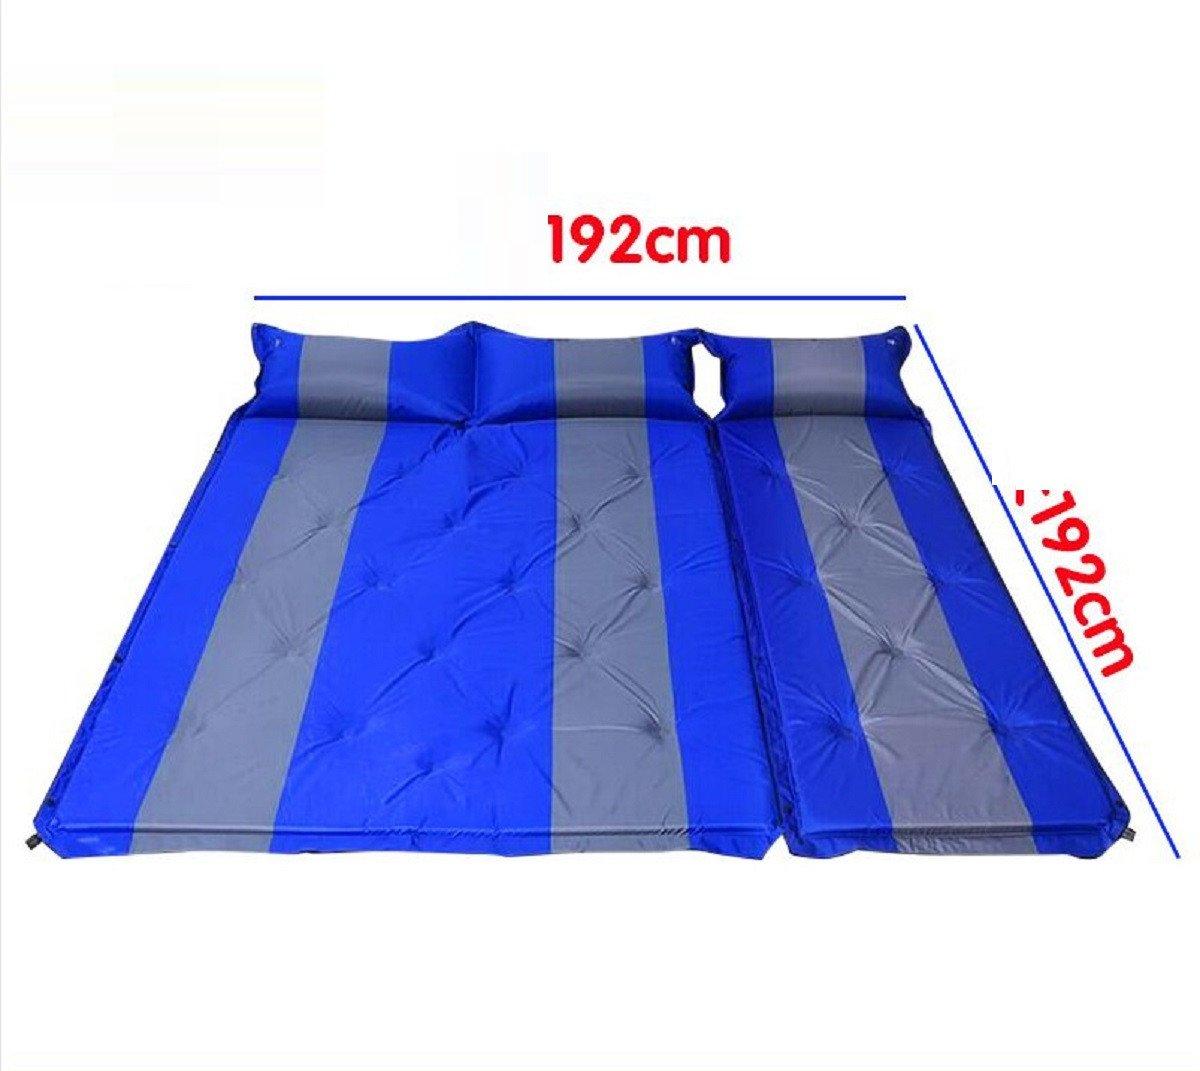 YOPEEN Automatische aufblasbare Kissen, Outdoor-Zelt Isomatte, Matratze, Tragbare Gepolsterte Feuchtigkeitsmatte, Wilde Doppelte Bodenmatte Isomatte, 132X192CM, A